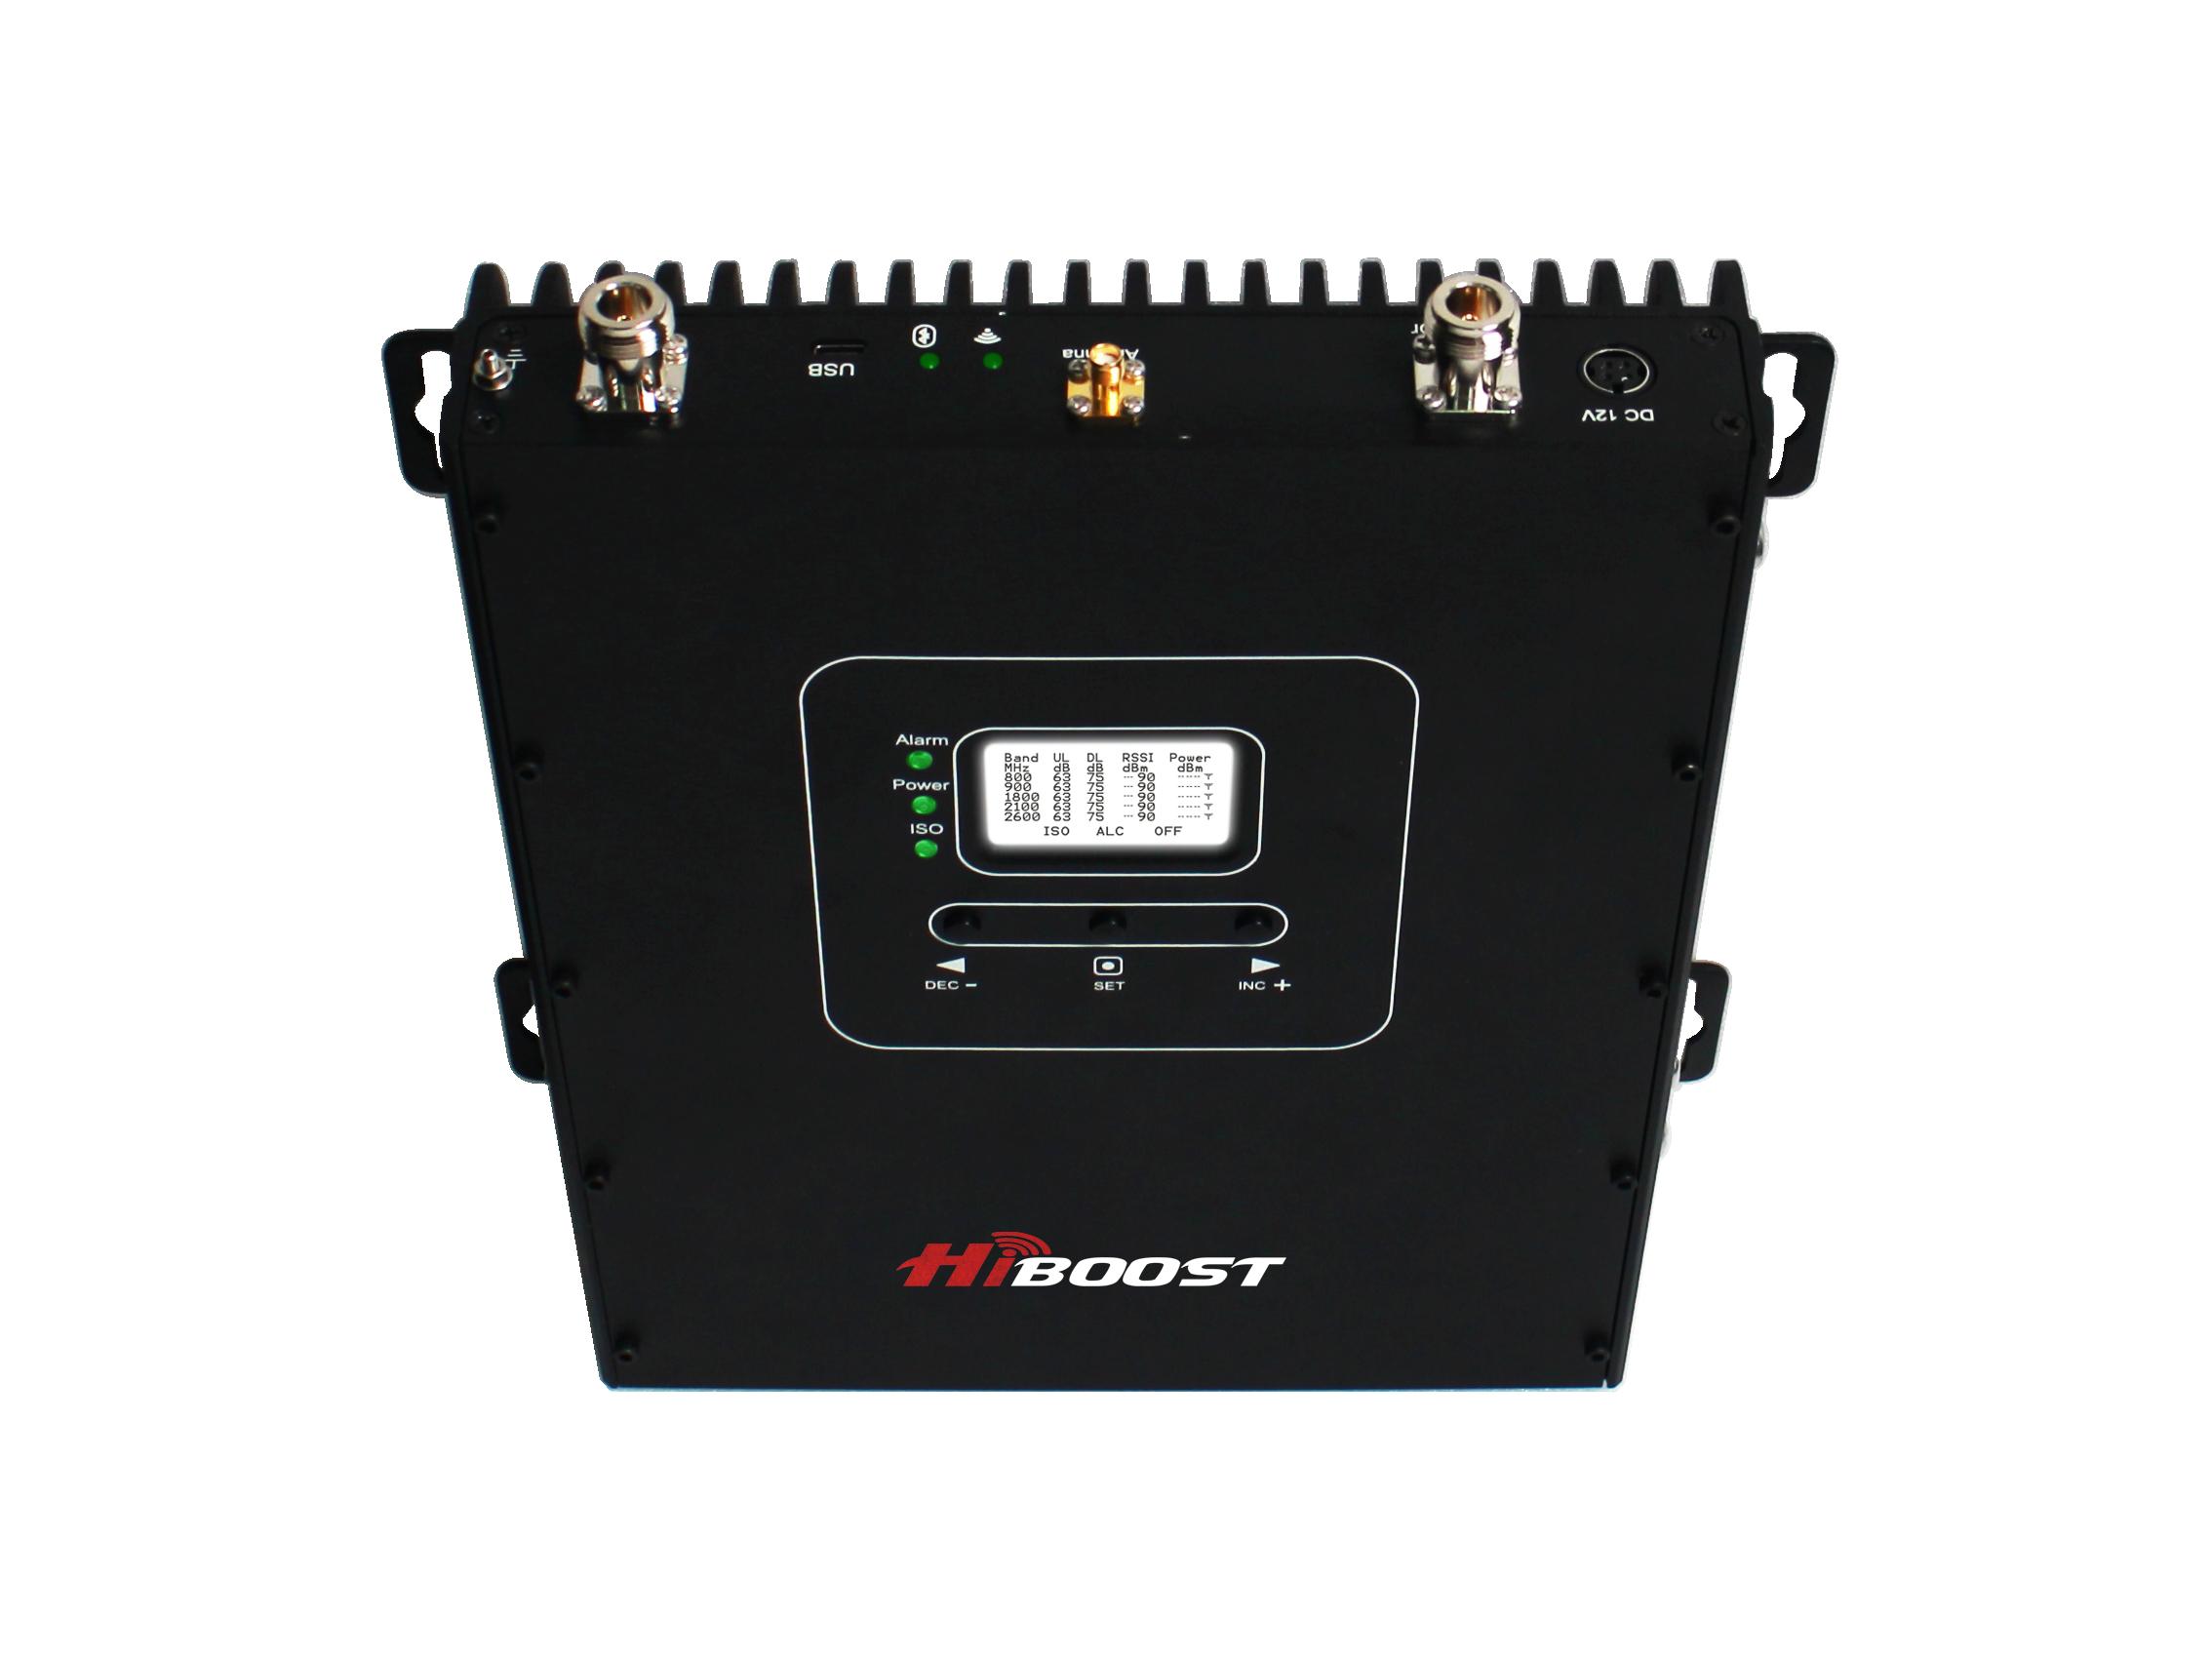 Hiboost Hi20-3S